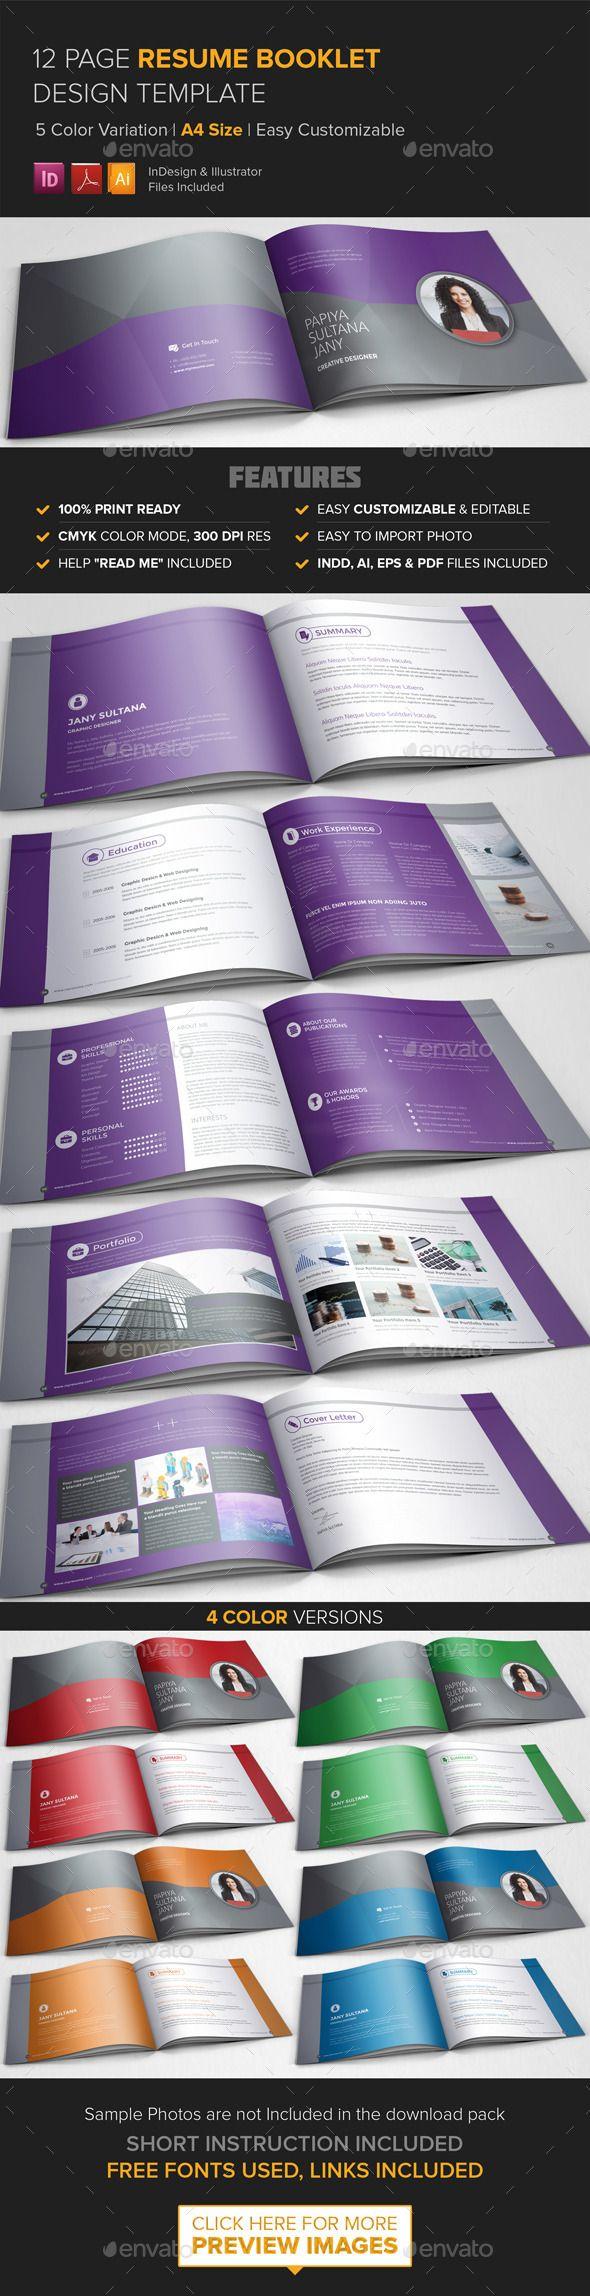 Resume Booklet Design (InDesign) | Pinterest